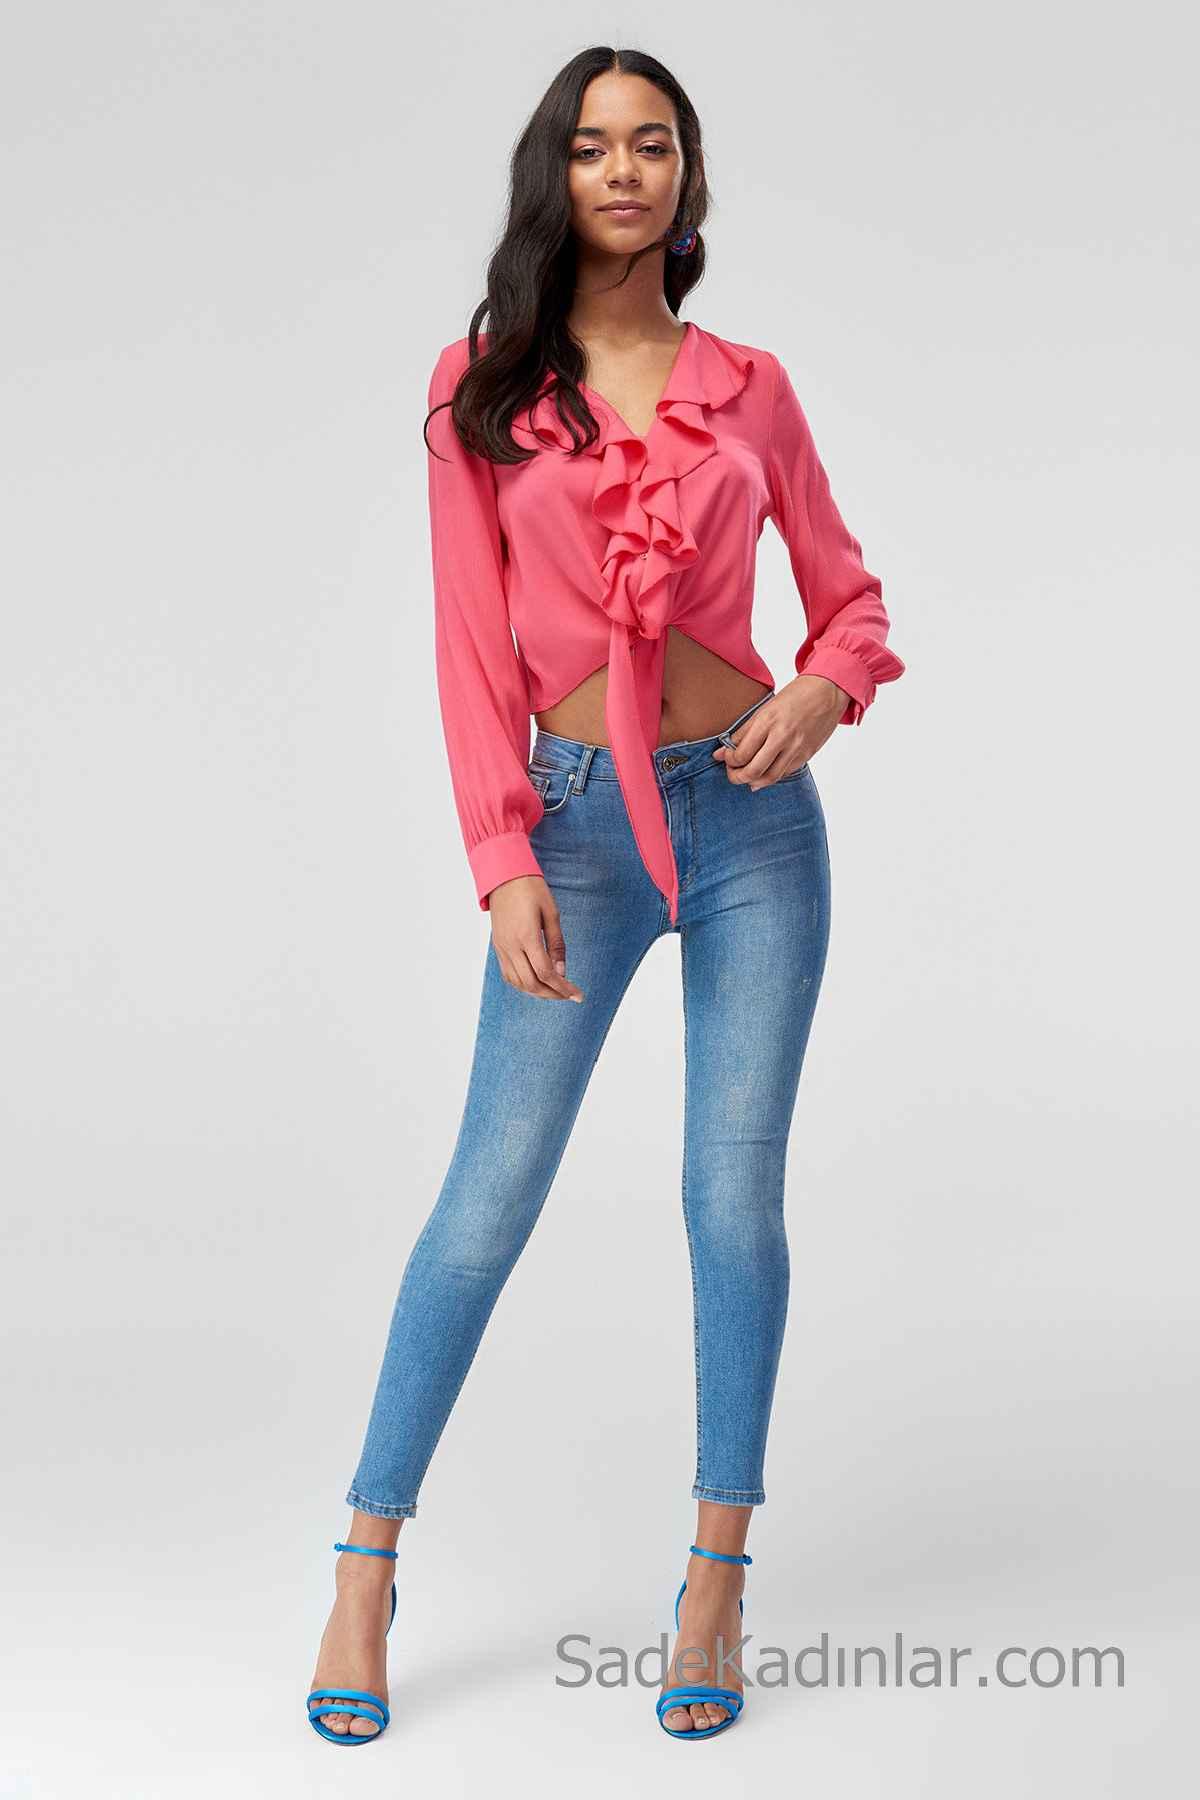 Pantolon Kombinleri Mavi Dar Kesim Pantolon Yavruağzı Uzun Kollu Kısa Fırfırlı Bağlamalı Gömlek